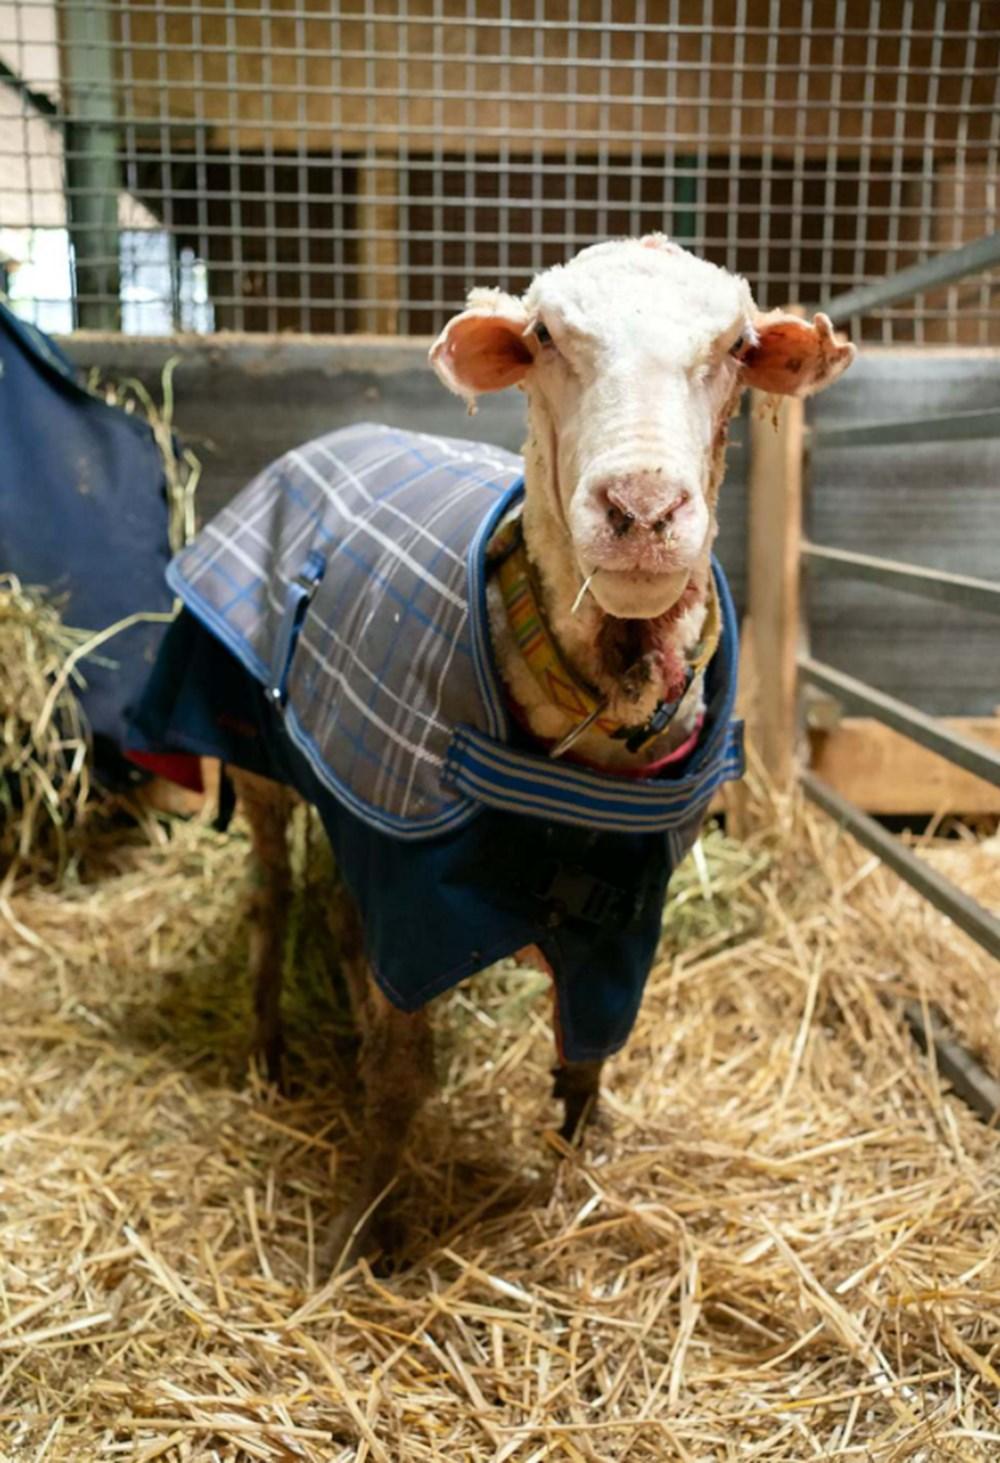 Yıllardır vahşi doğada yaşayan koyun Baarack, 35 kiloluk yükünden kurtuldu - 5